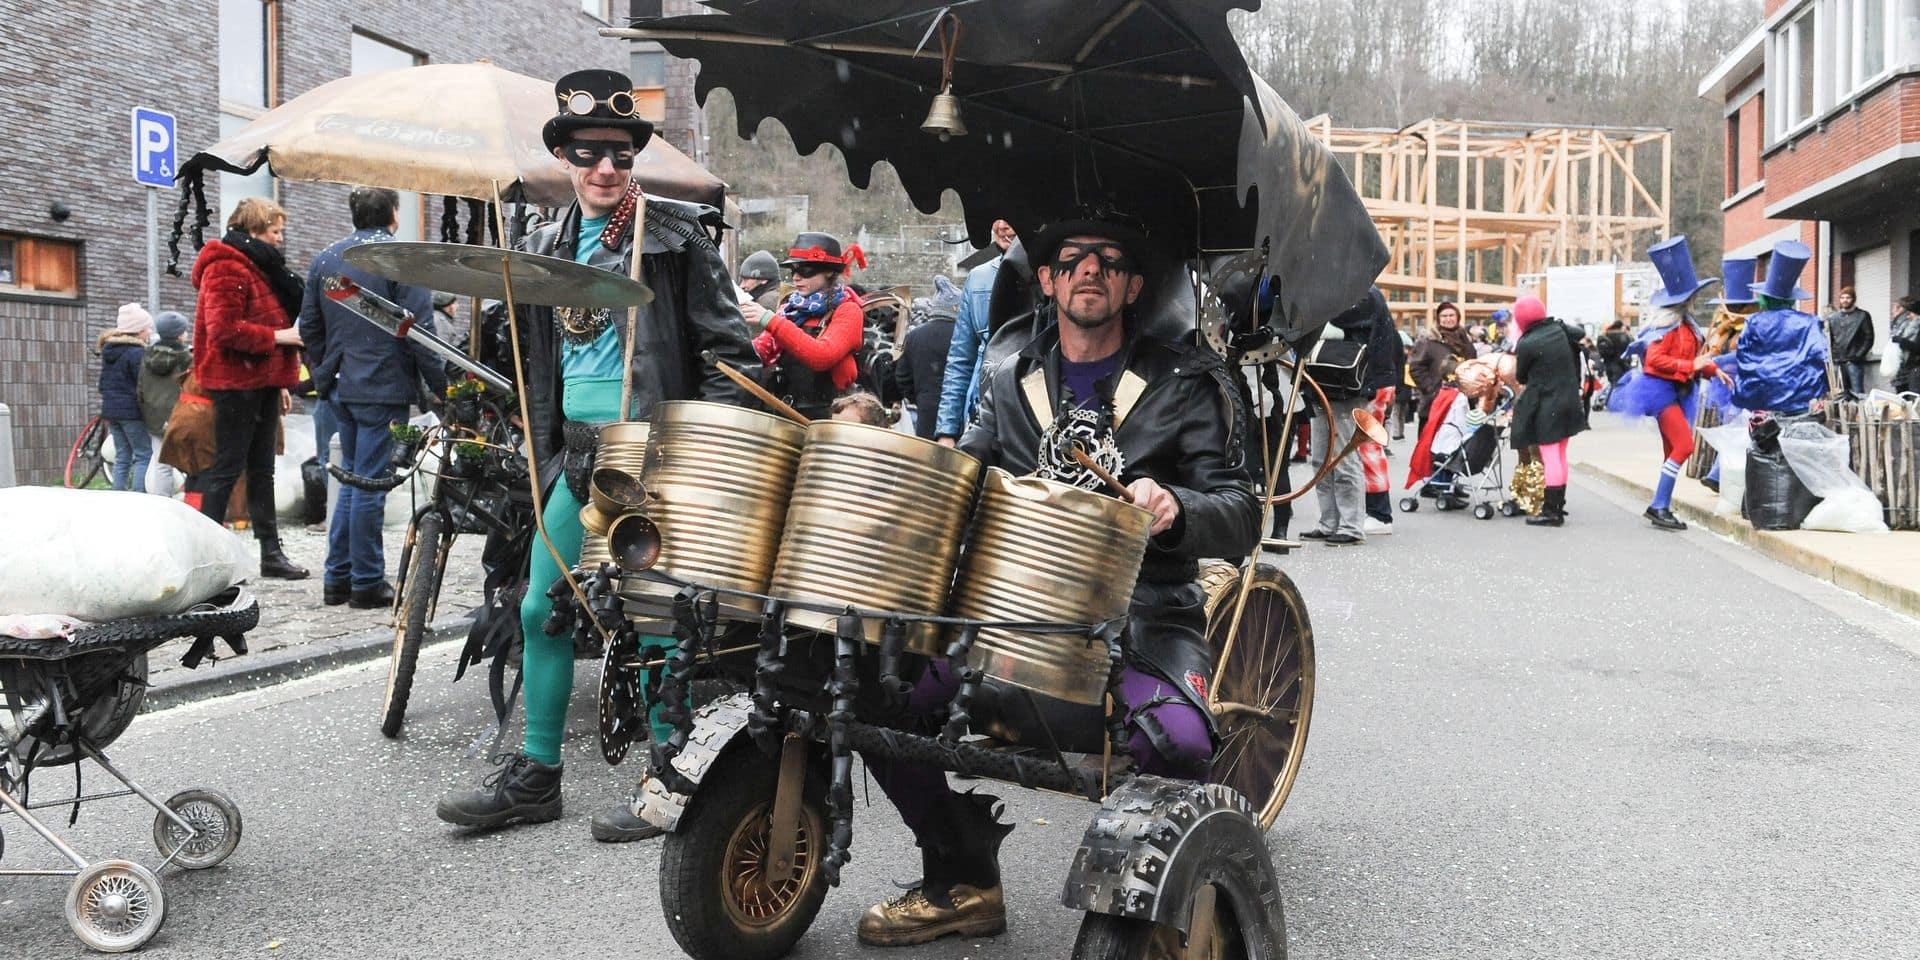 Carnaval du Nord à Liège : toujours un joyeux bordel !